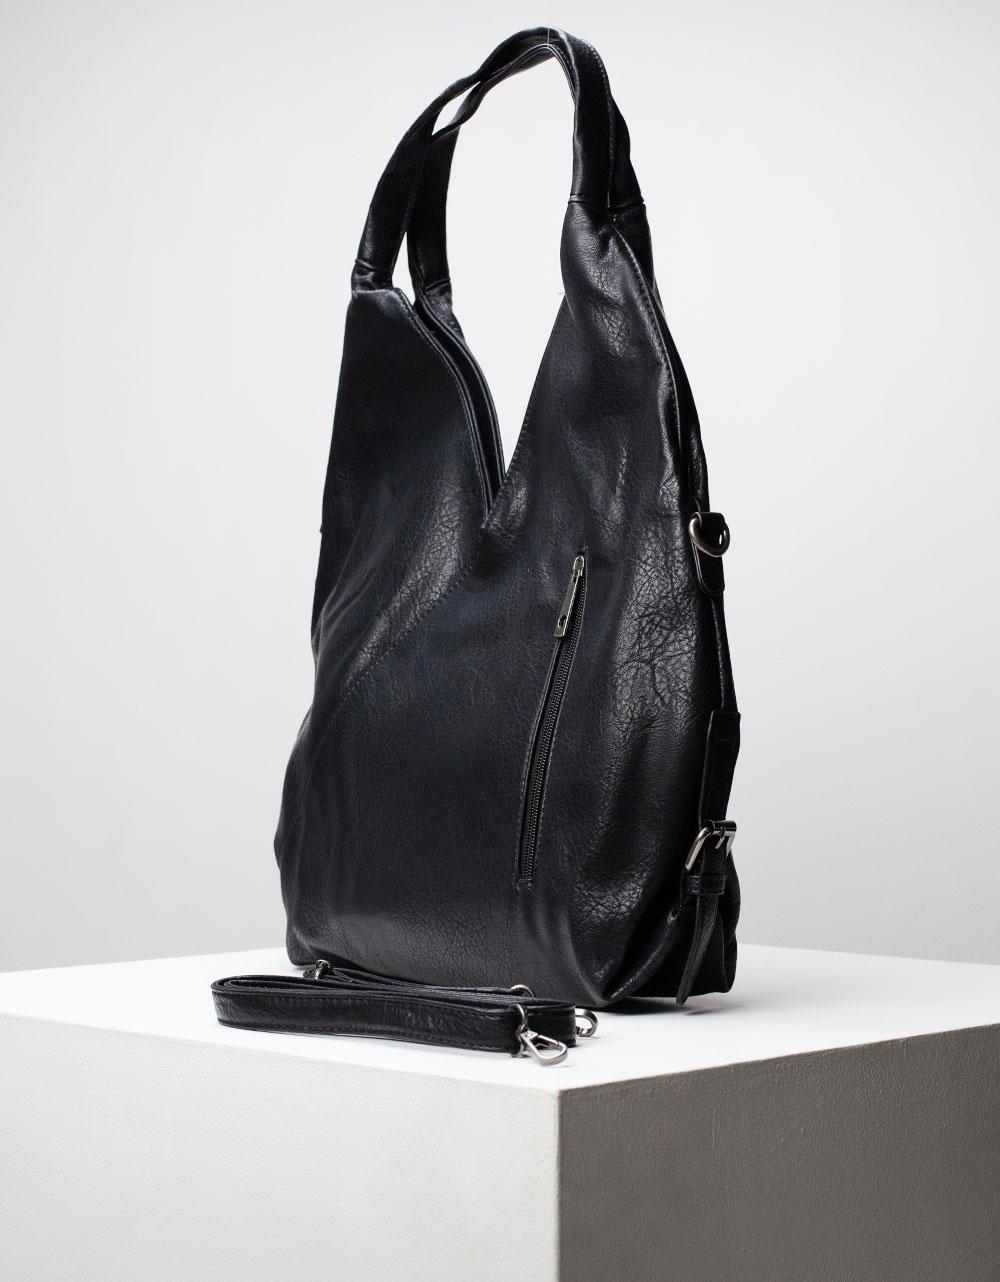 Εικόνα από Γυναικεία τσάντα ώμου σε σχήμα V Μαύρο